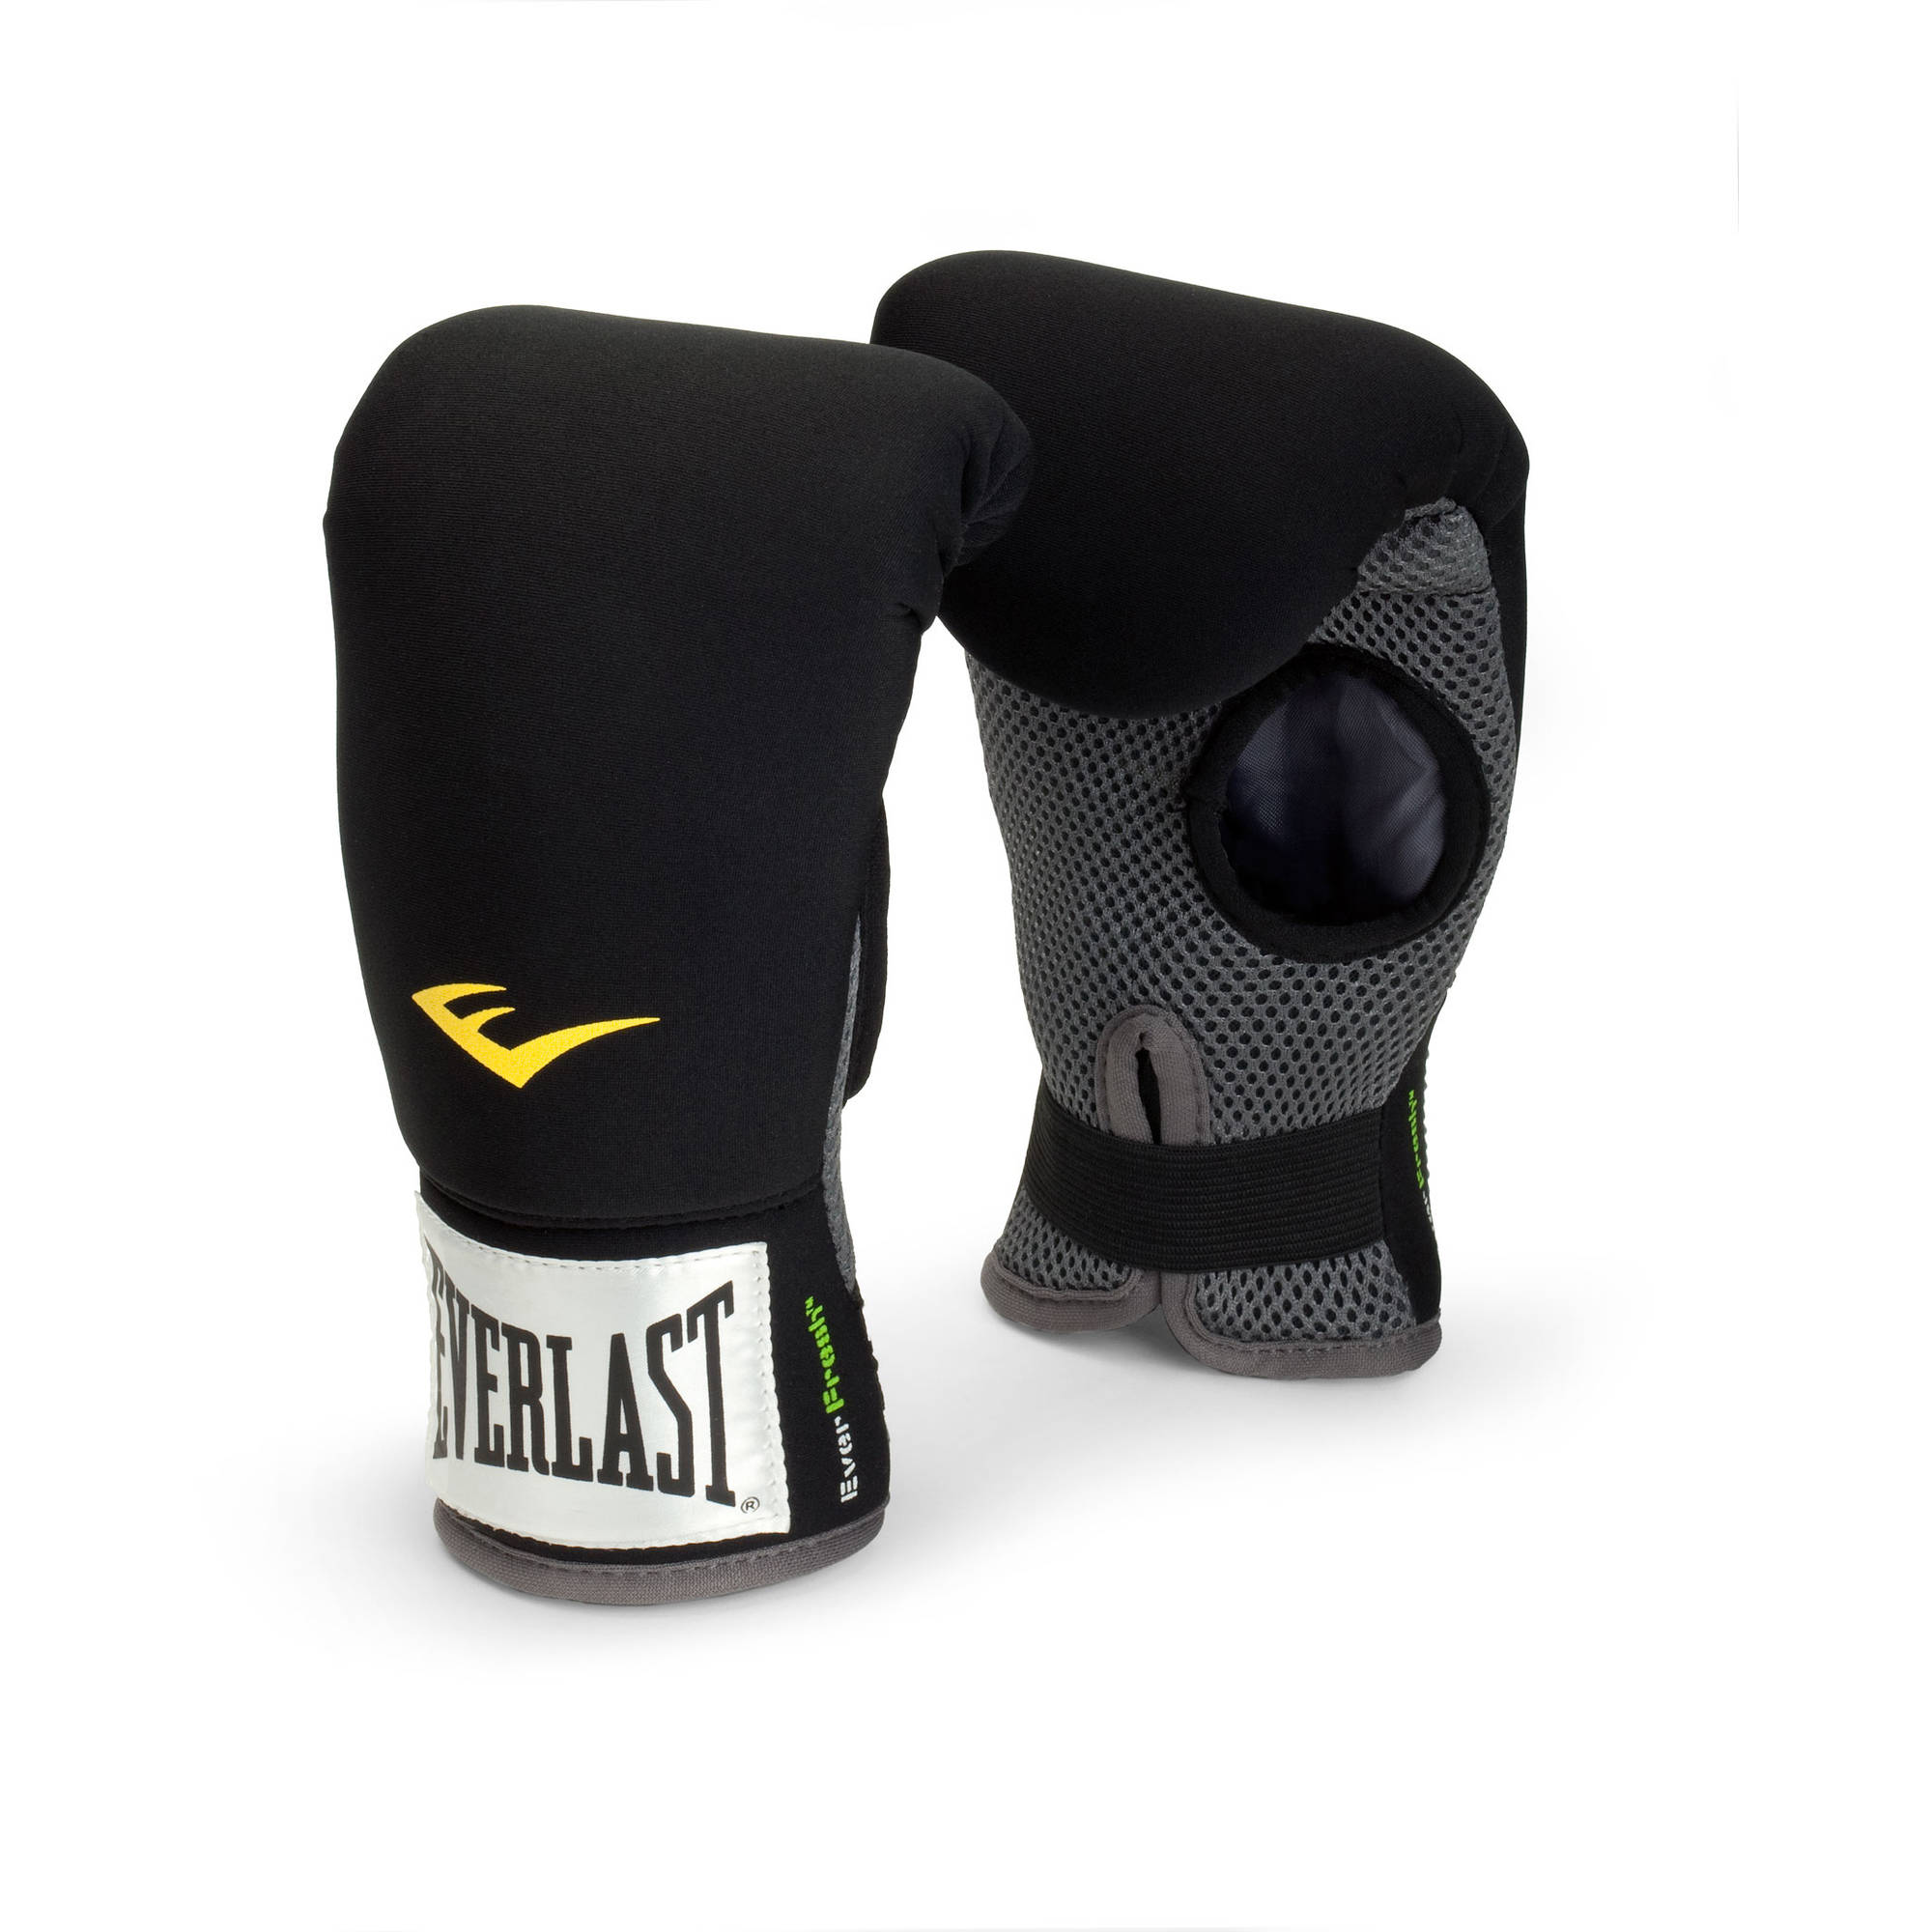 Everlast Neoprene Heavy Bag Gloves by Everlast